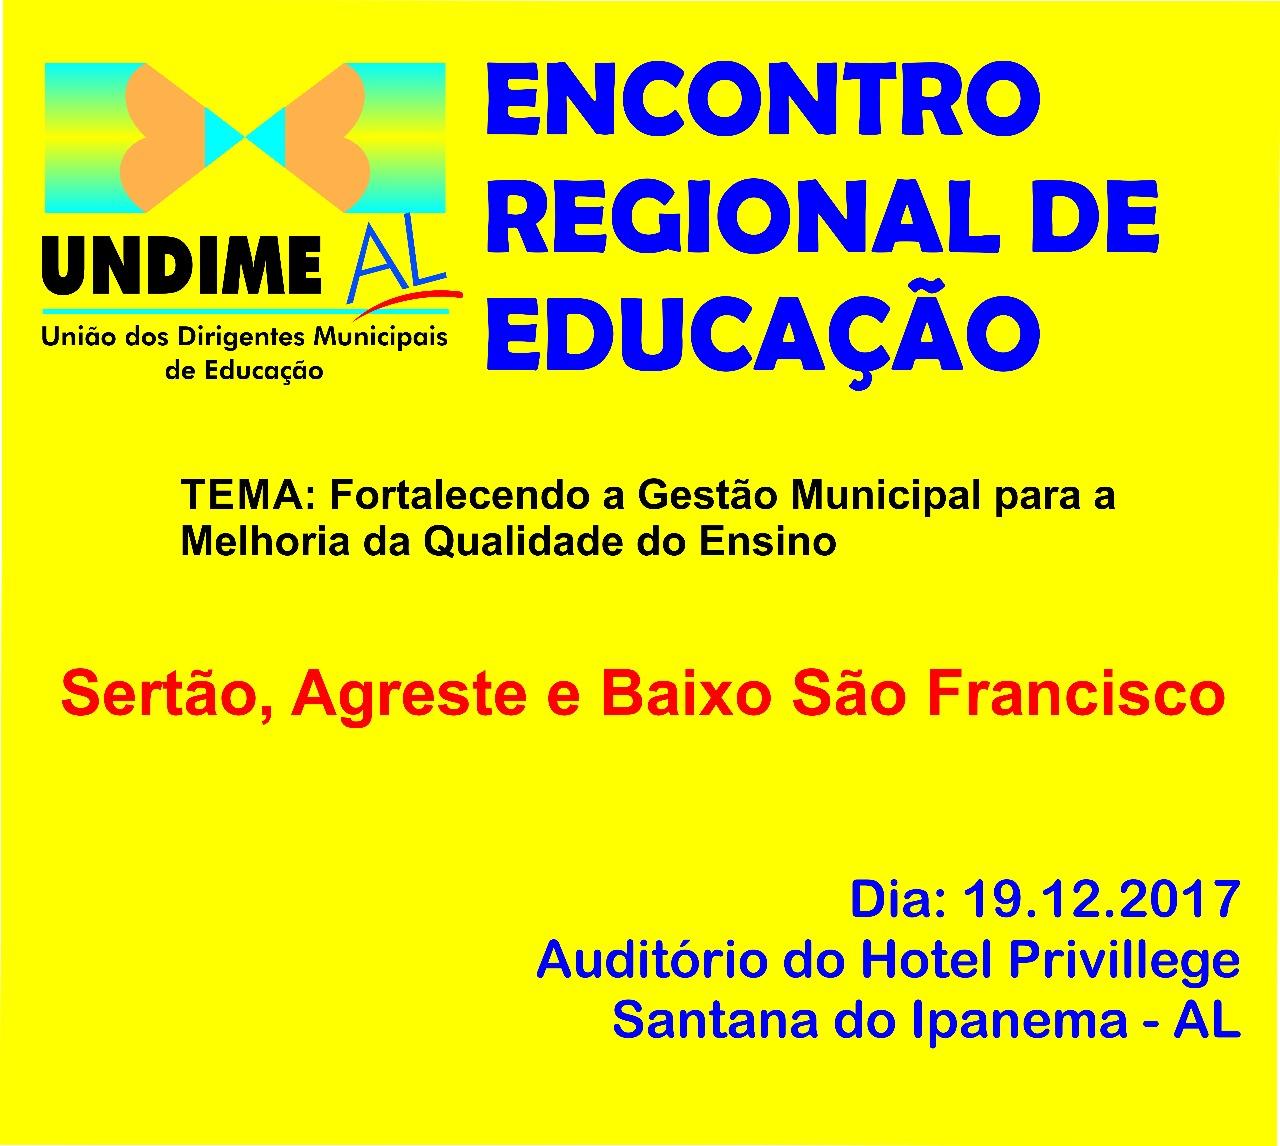 Undime AL realiza I Encontro Regional de Educação em Santana do Ipanema